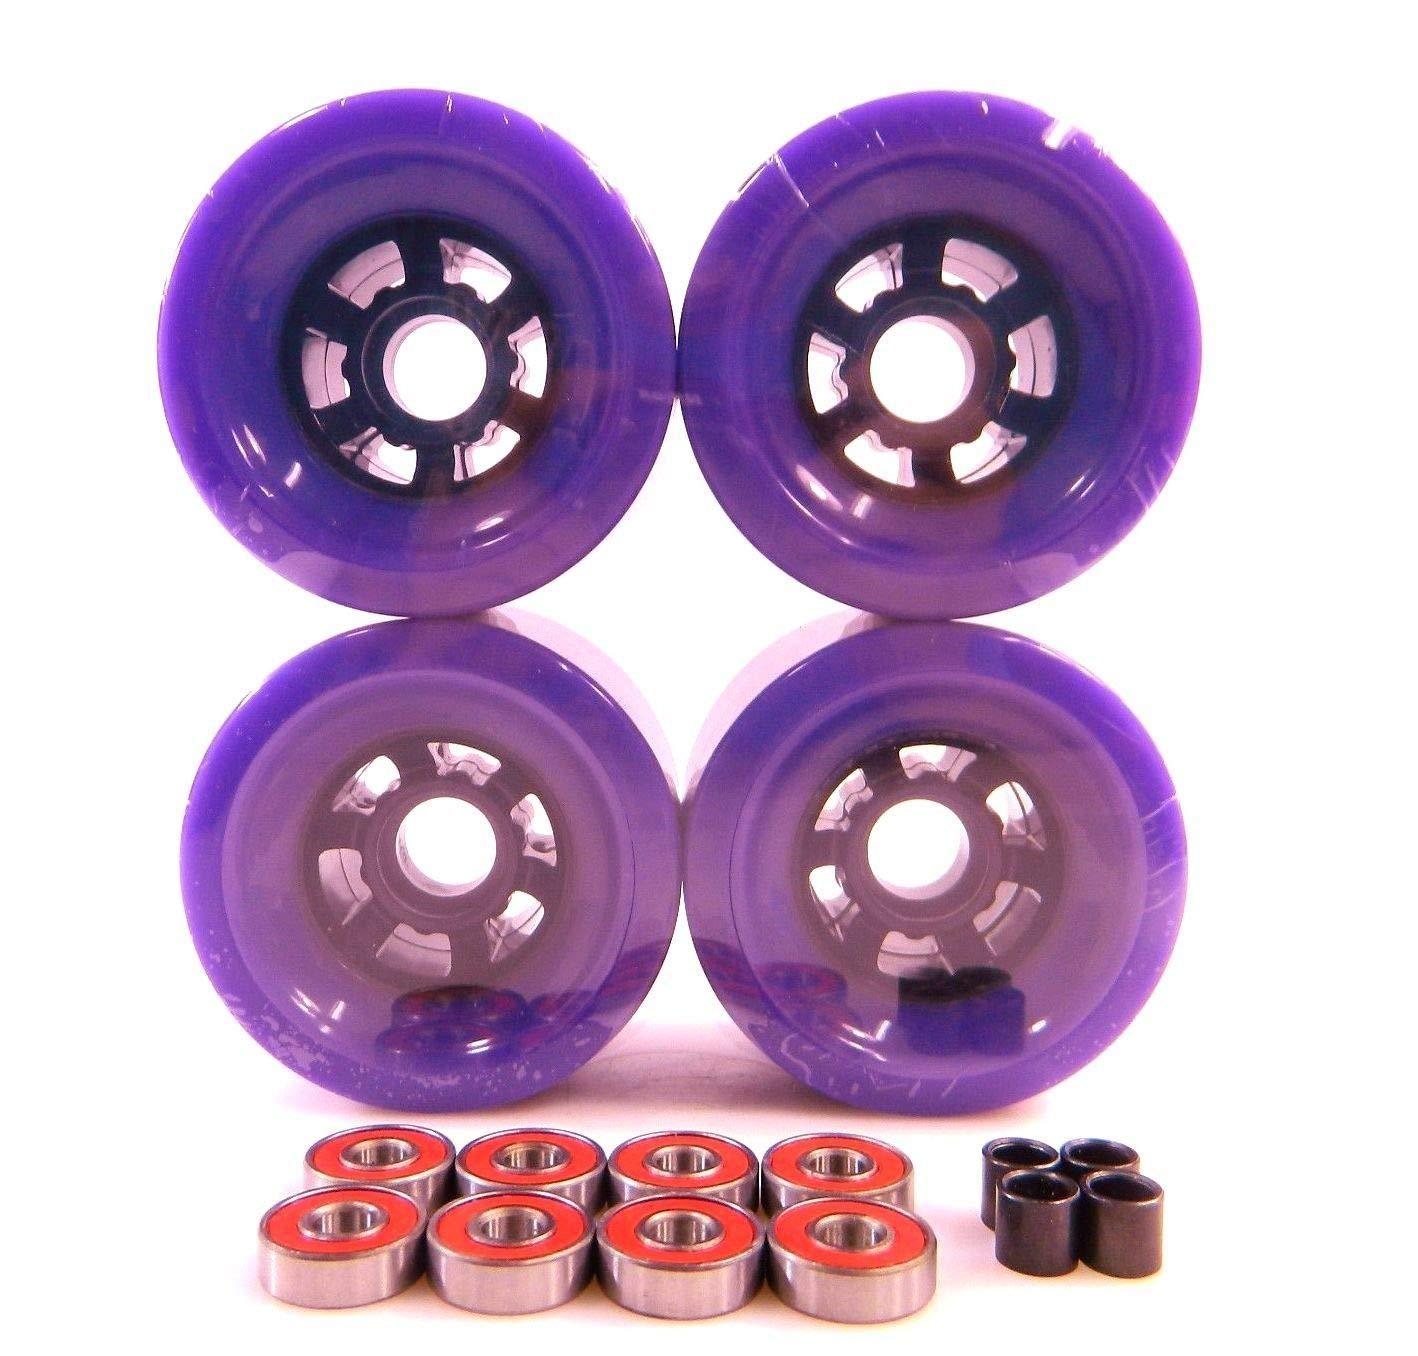 Purple Blank Pro 90Mm Multiple Color Longboard Flywheels + ABEC 7 Bearings + Spacers